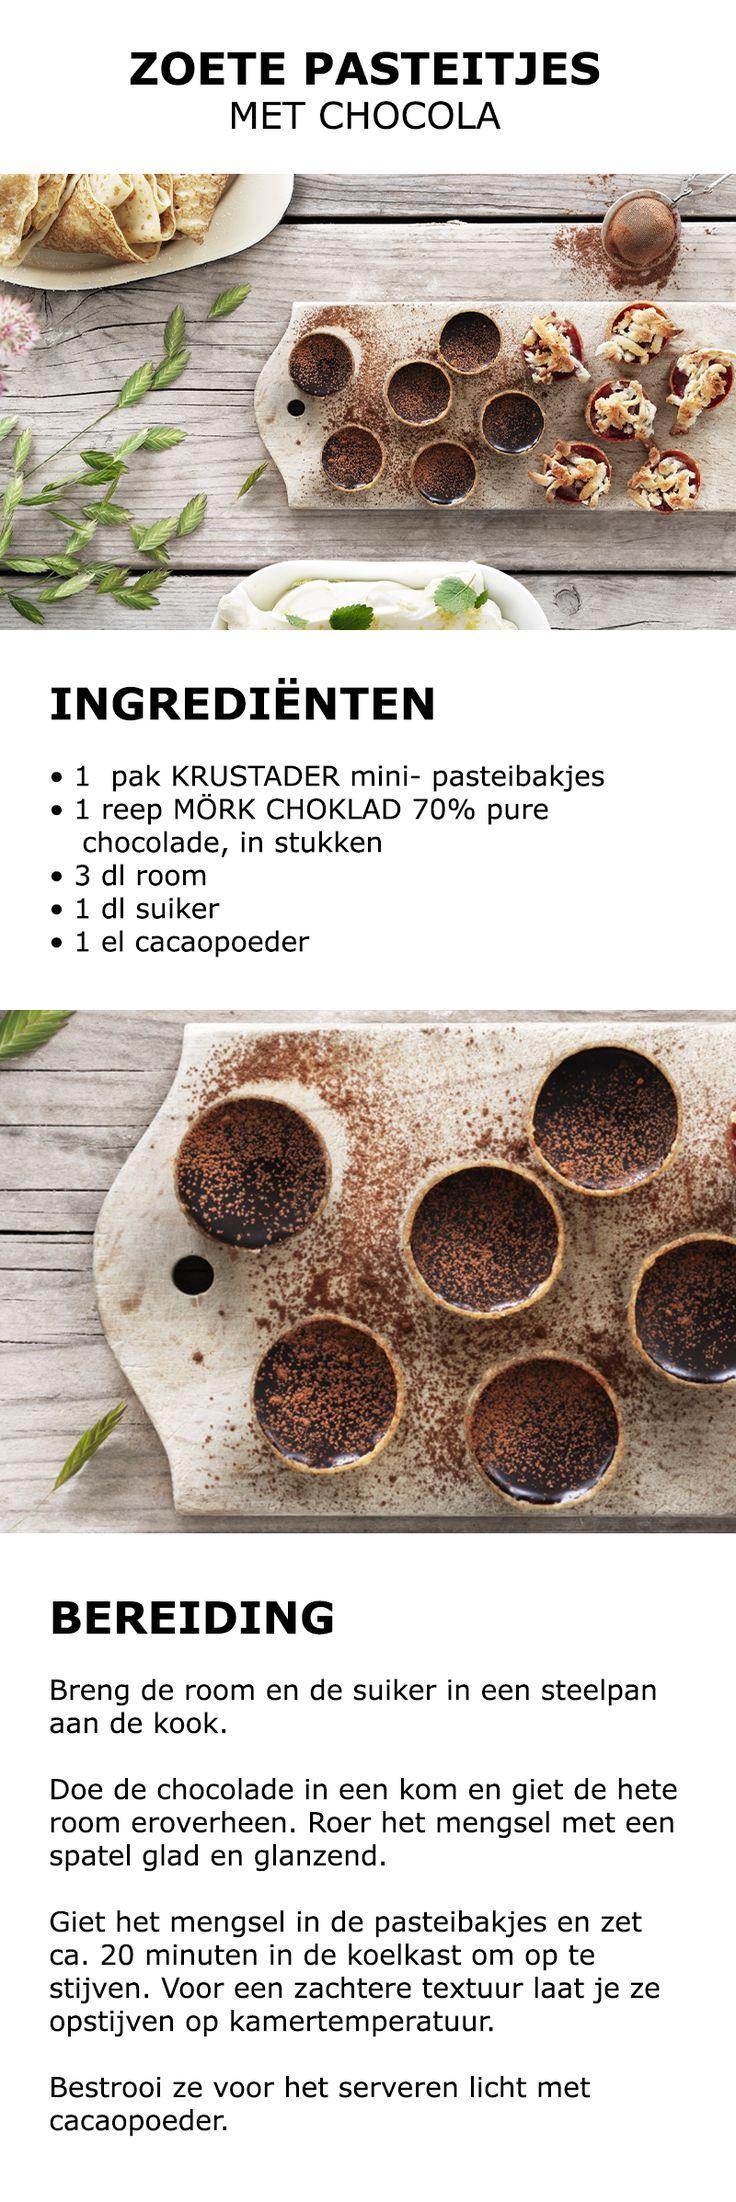 Inspiratie voor Midsommar - Zoete pasteitjes met chocola | #koken #keuken…